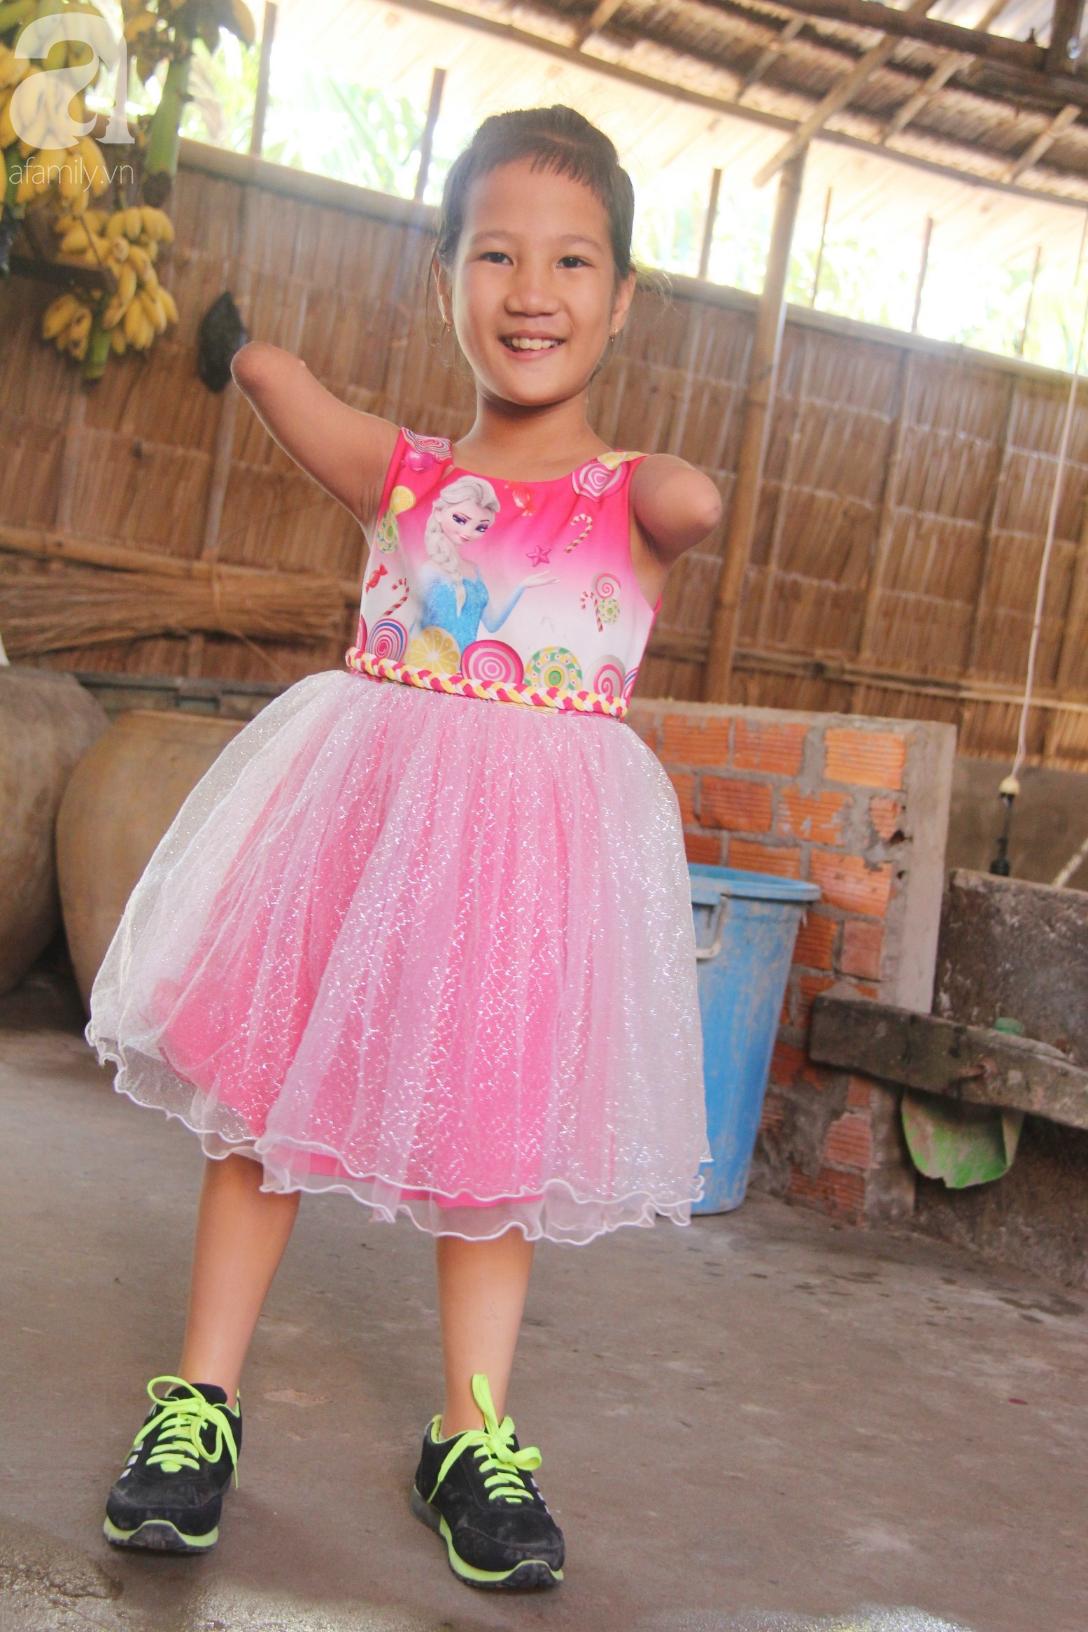 Tết đến, cô bé 8 tuổi cụt tay cụt chân Hiếu Thảo mừng rỡ khoe: Con có chân giả để đi học rồi - Ảnh 5.